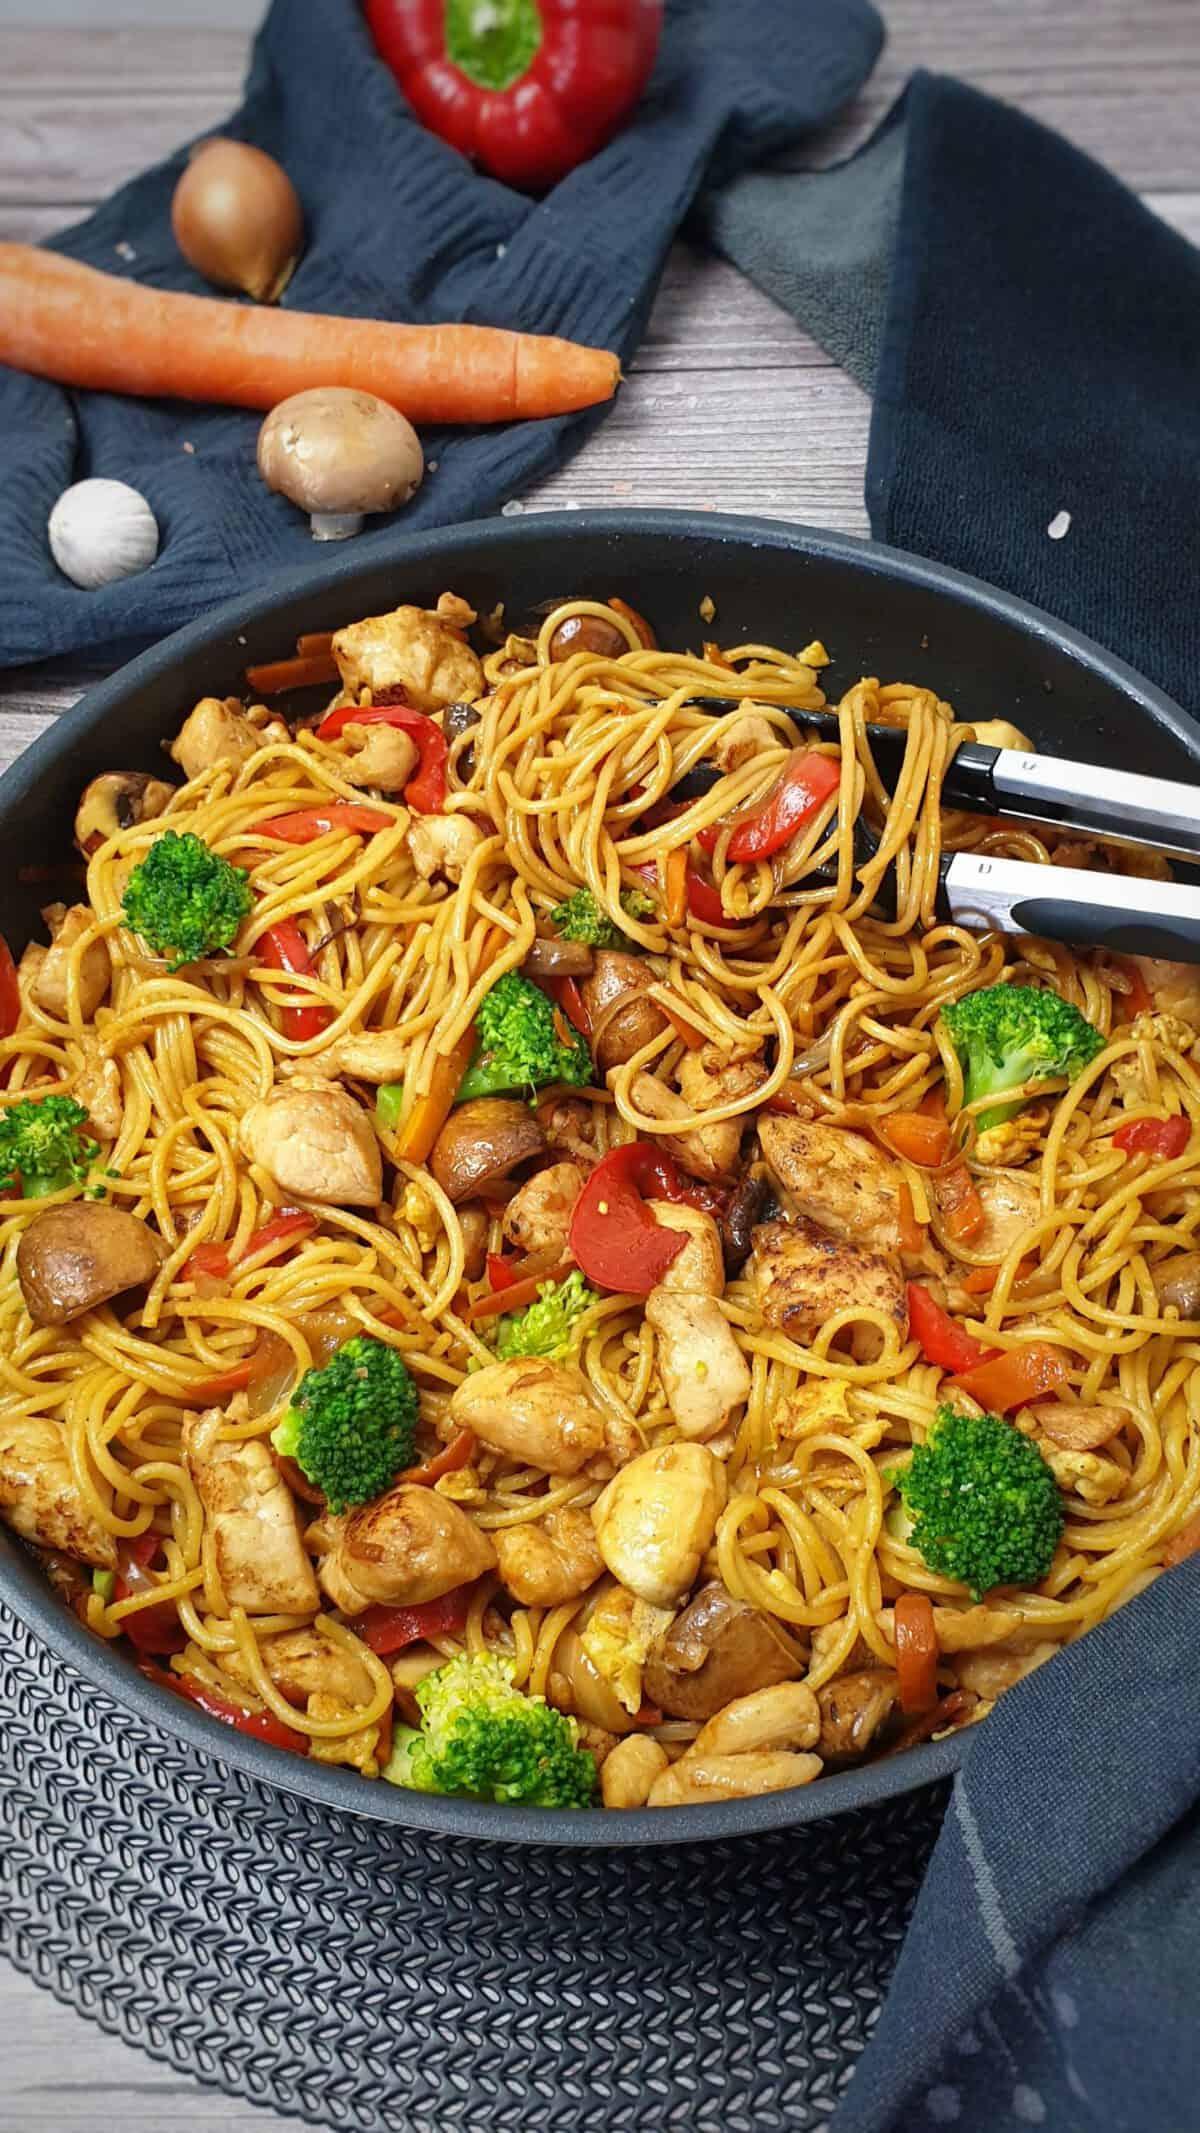 In einer Pfanne angerichtet Asia Nudelpfanne mit Gemüse und Hähnchen. Im Hintergrund Deko auf einem Küchentuch.